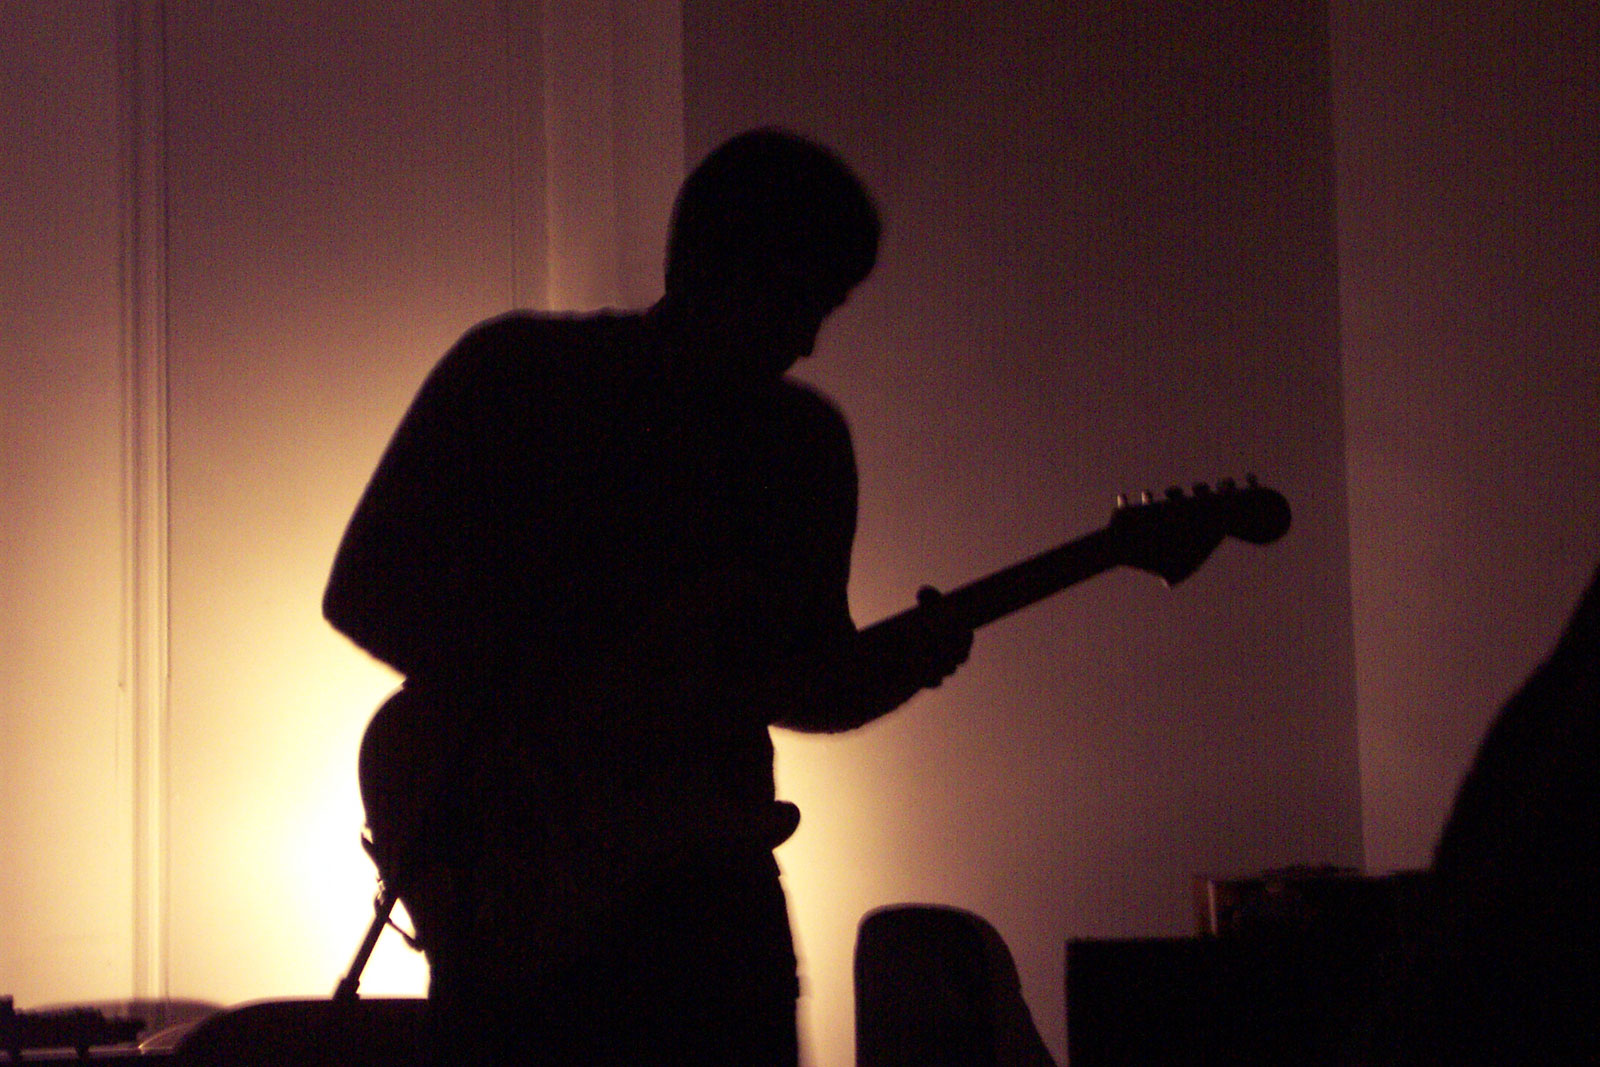 Joe from Nod 2003